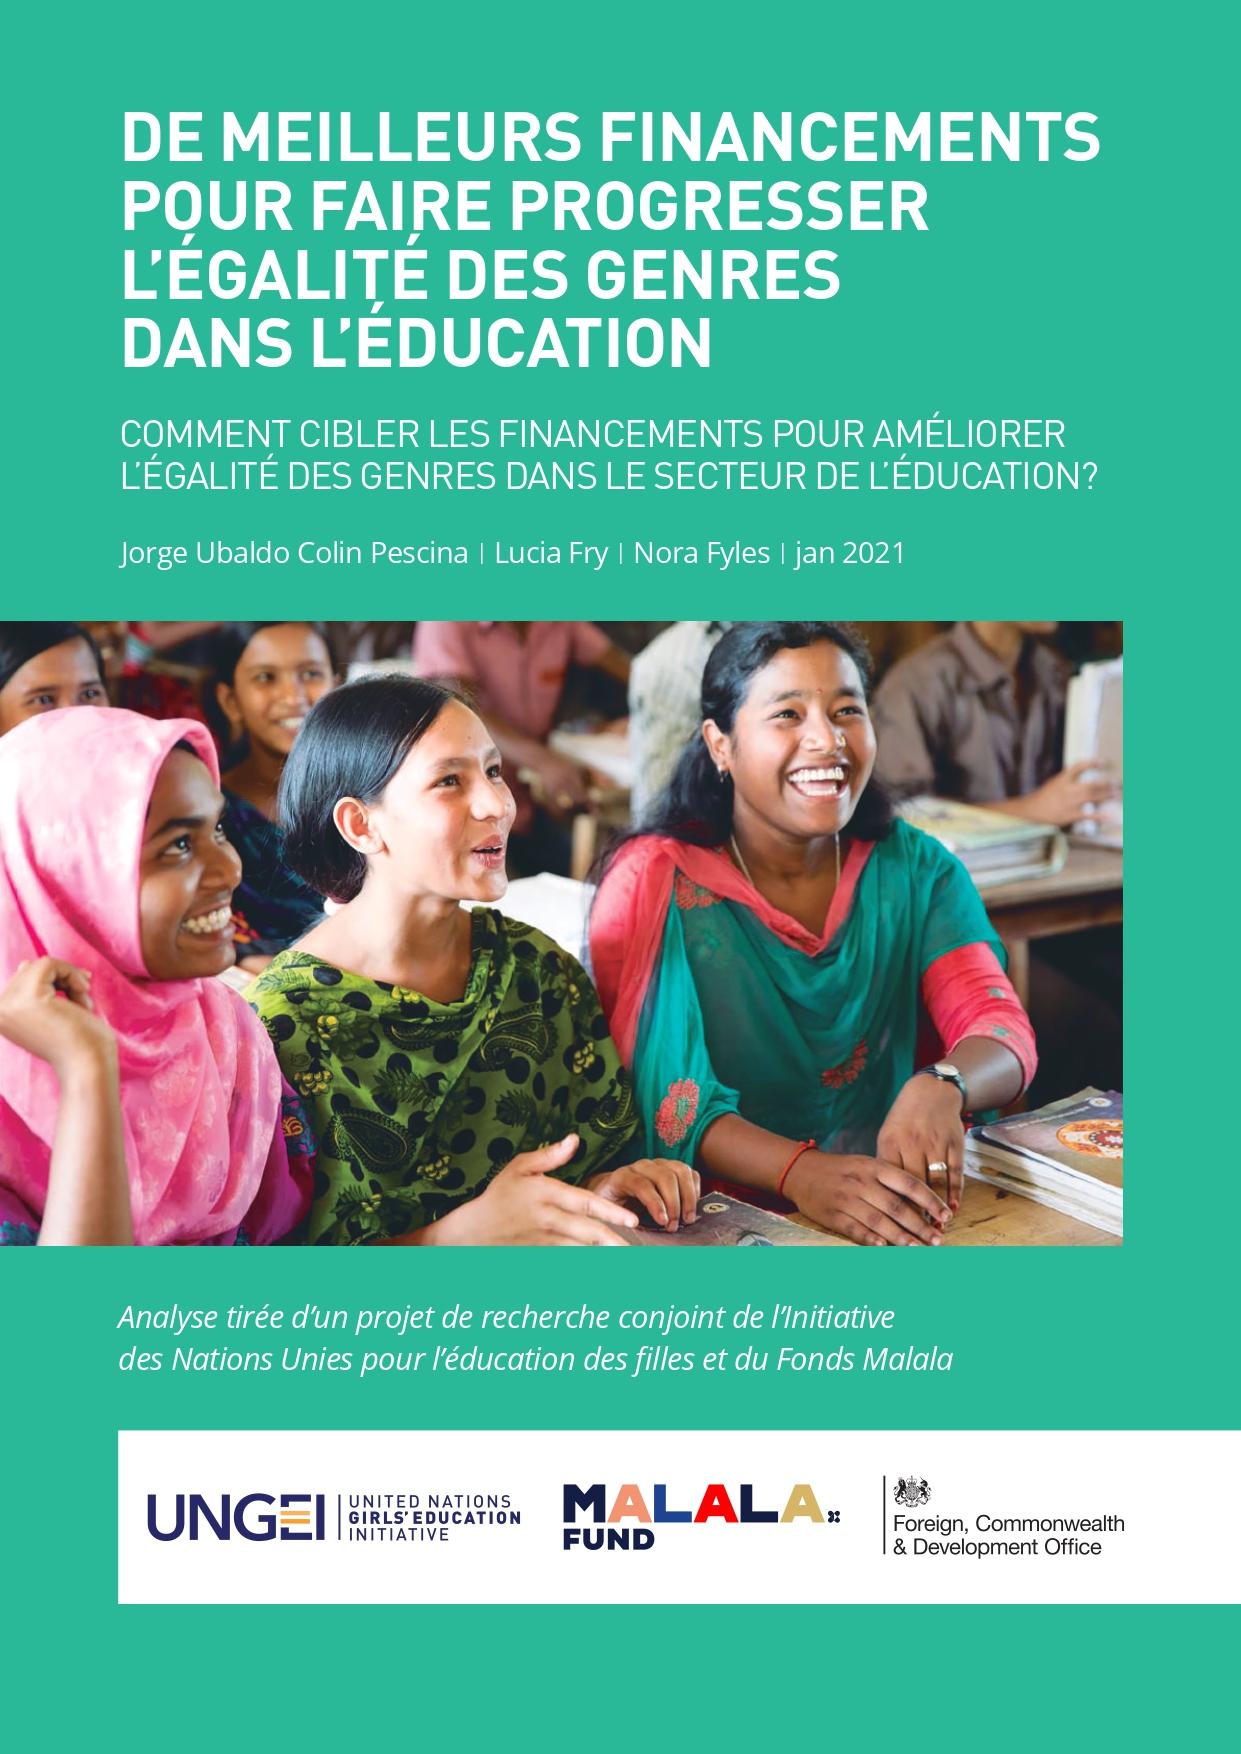 De meilleurs financements pour faire progresser  l'égalité des genres dans l'éducation